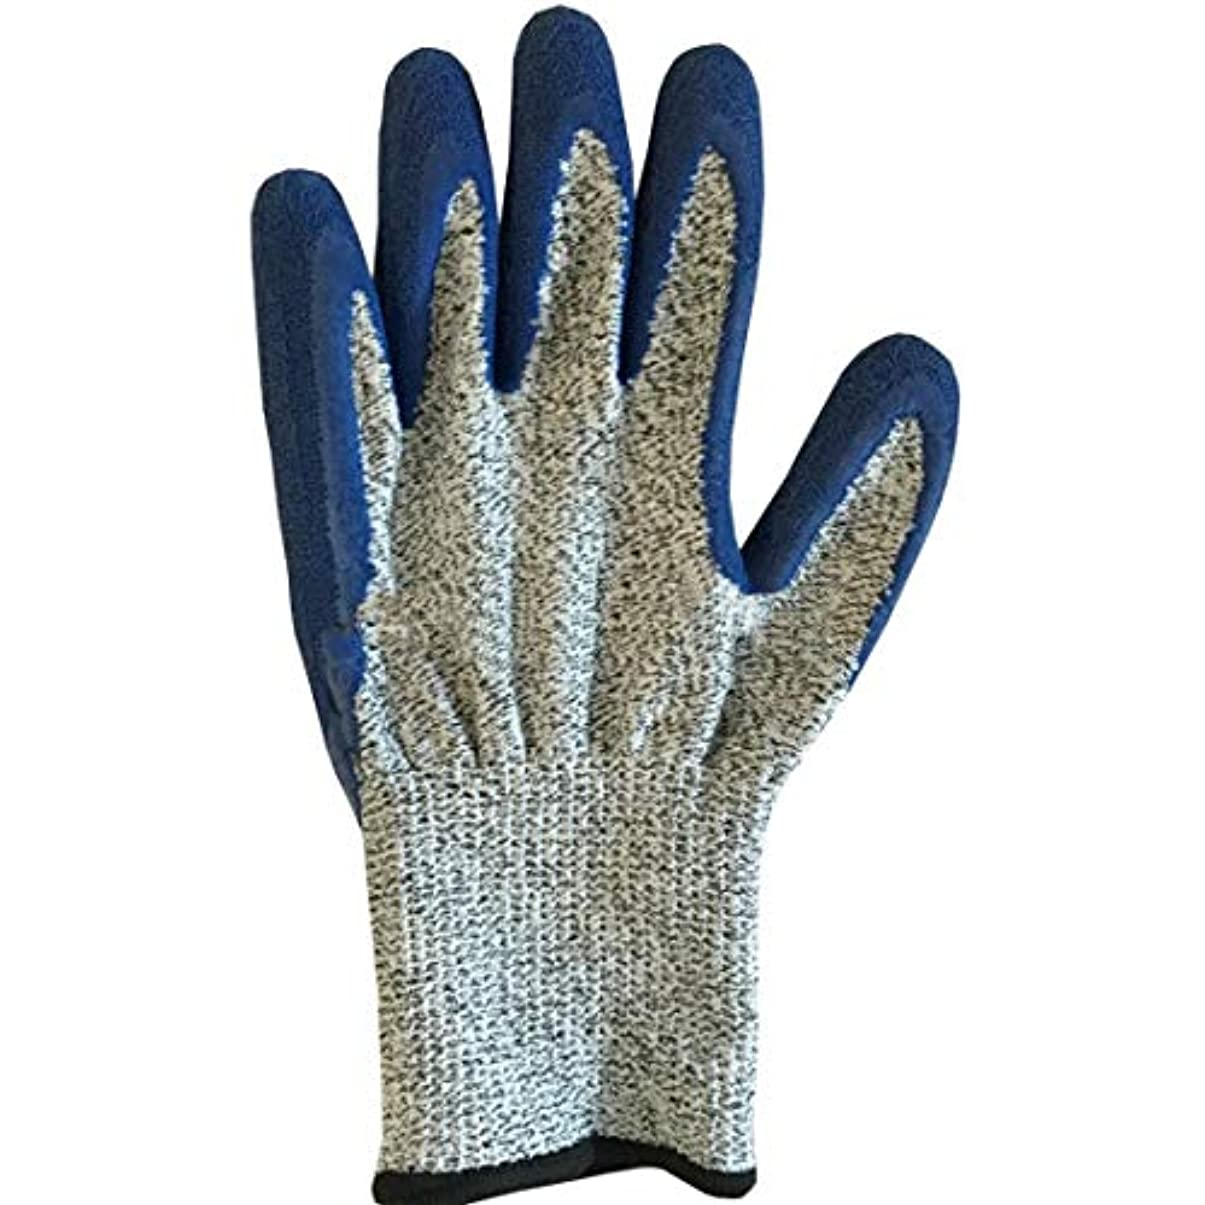 最適最も遠いサスティーンJOYS CLOTHING 絶縁手袋、安全手袋、穿刺防止手袋は耐摩耗性です